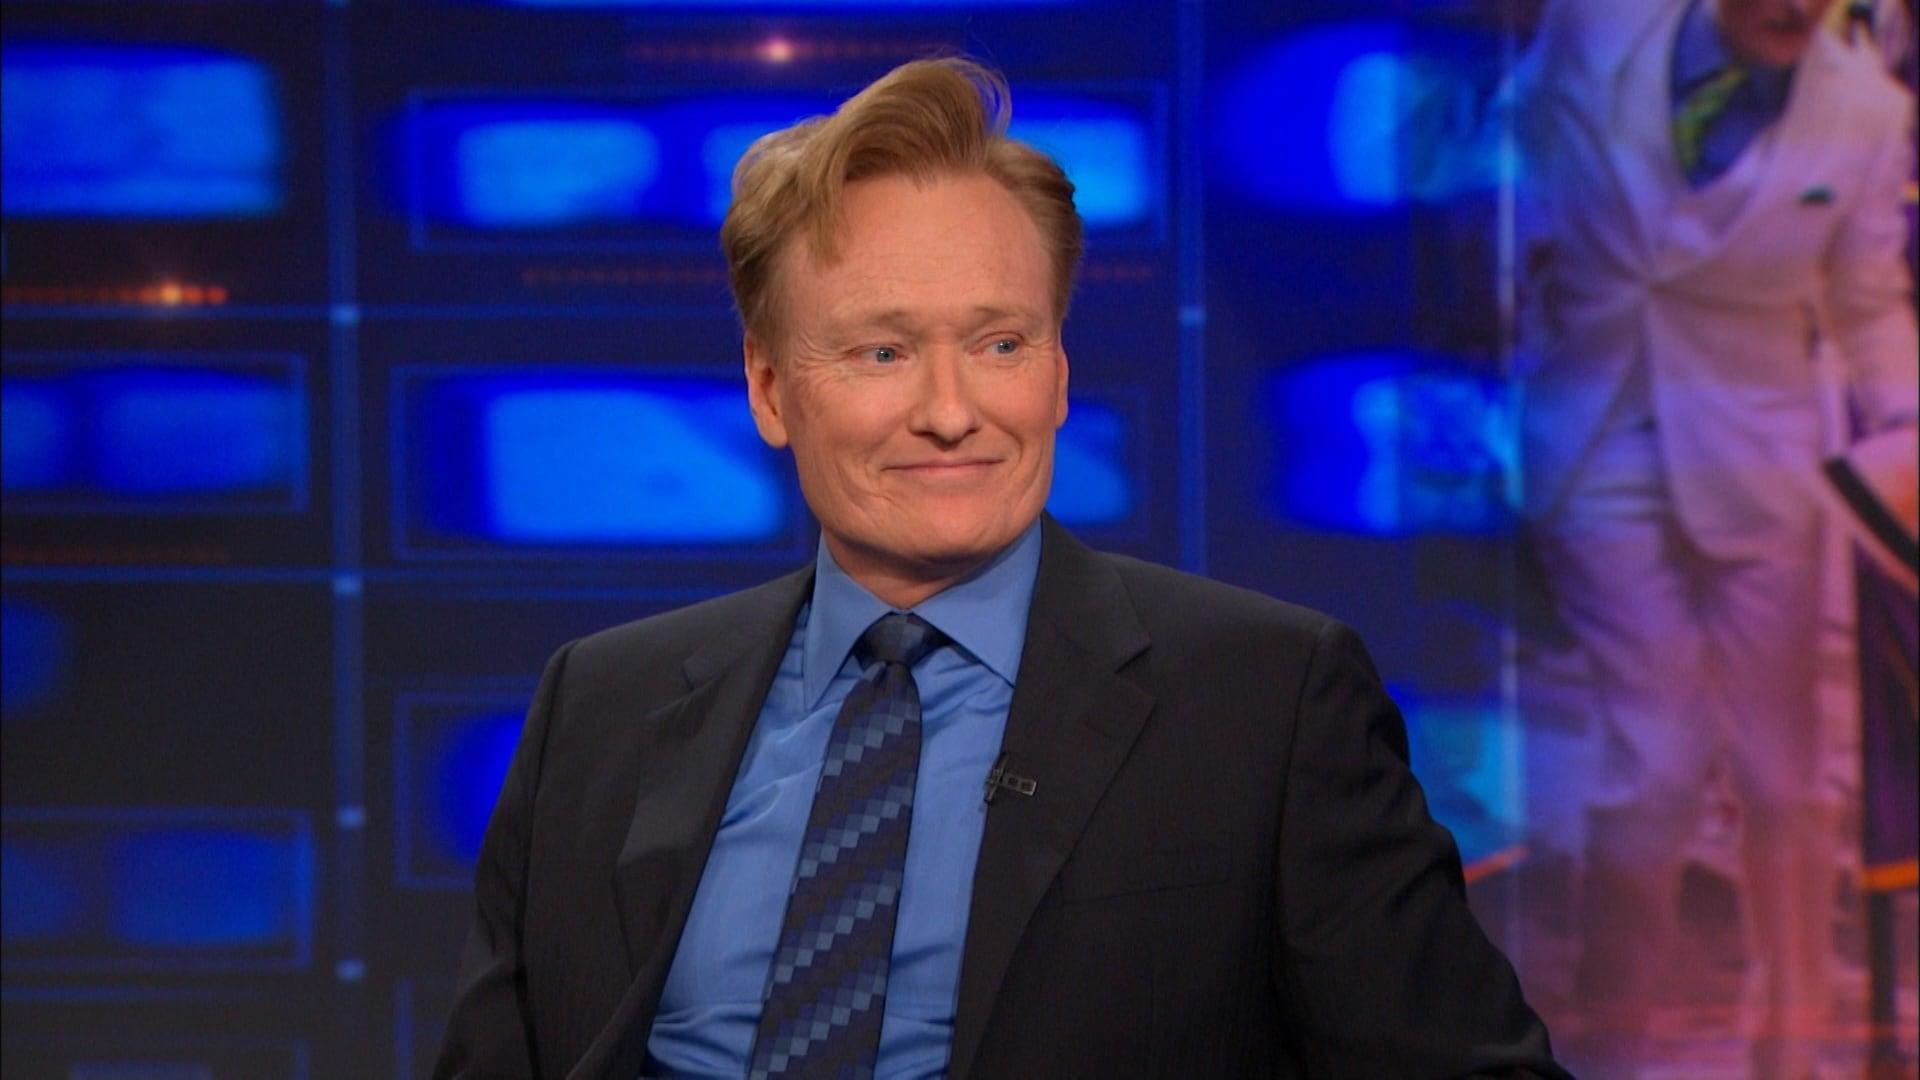 The Daily Show with Trevor Noah Season 20 :Episode 66  Conan O'Brien